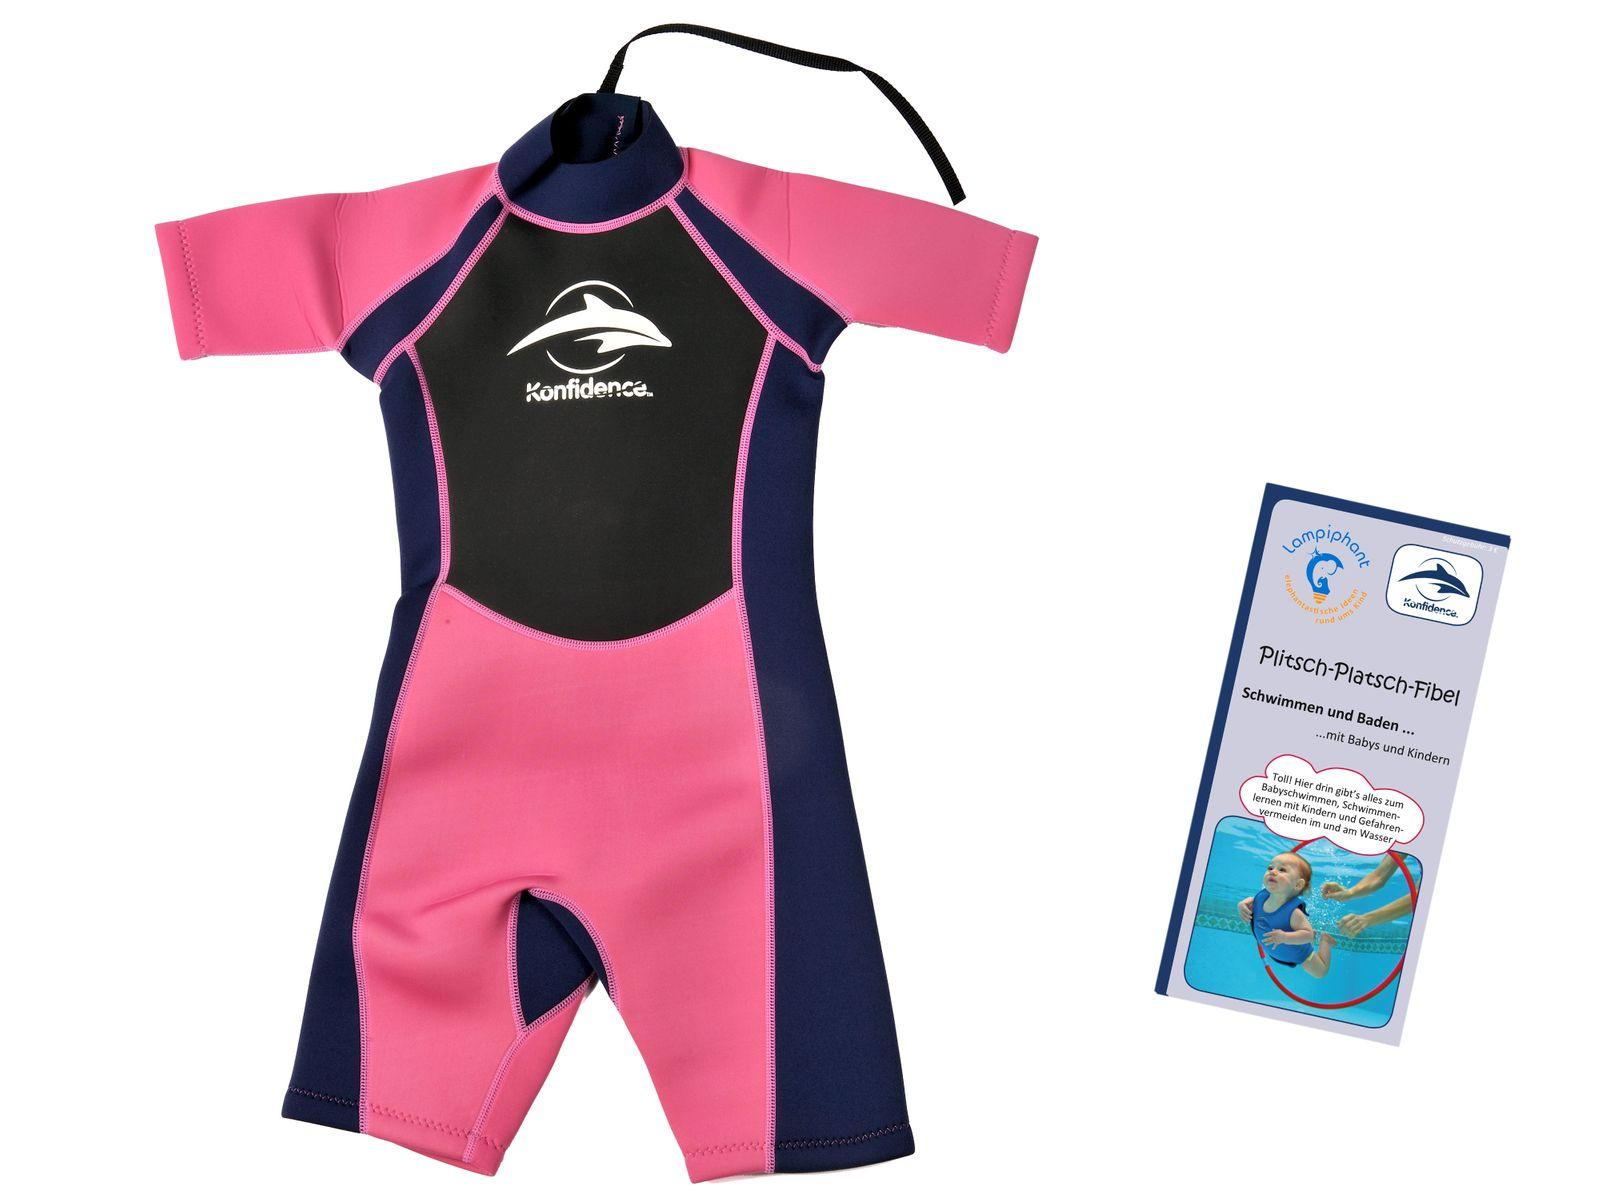 Konfidence Neoprenanzug für Kinder mit umfangreichem Schwimmratgeber – Bild 3